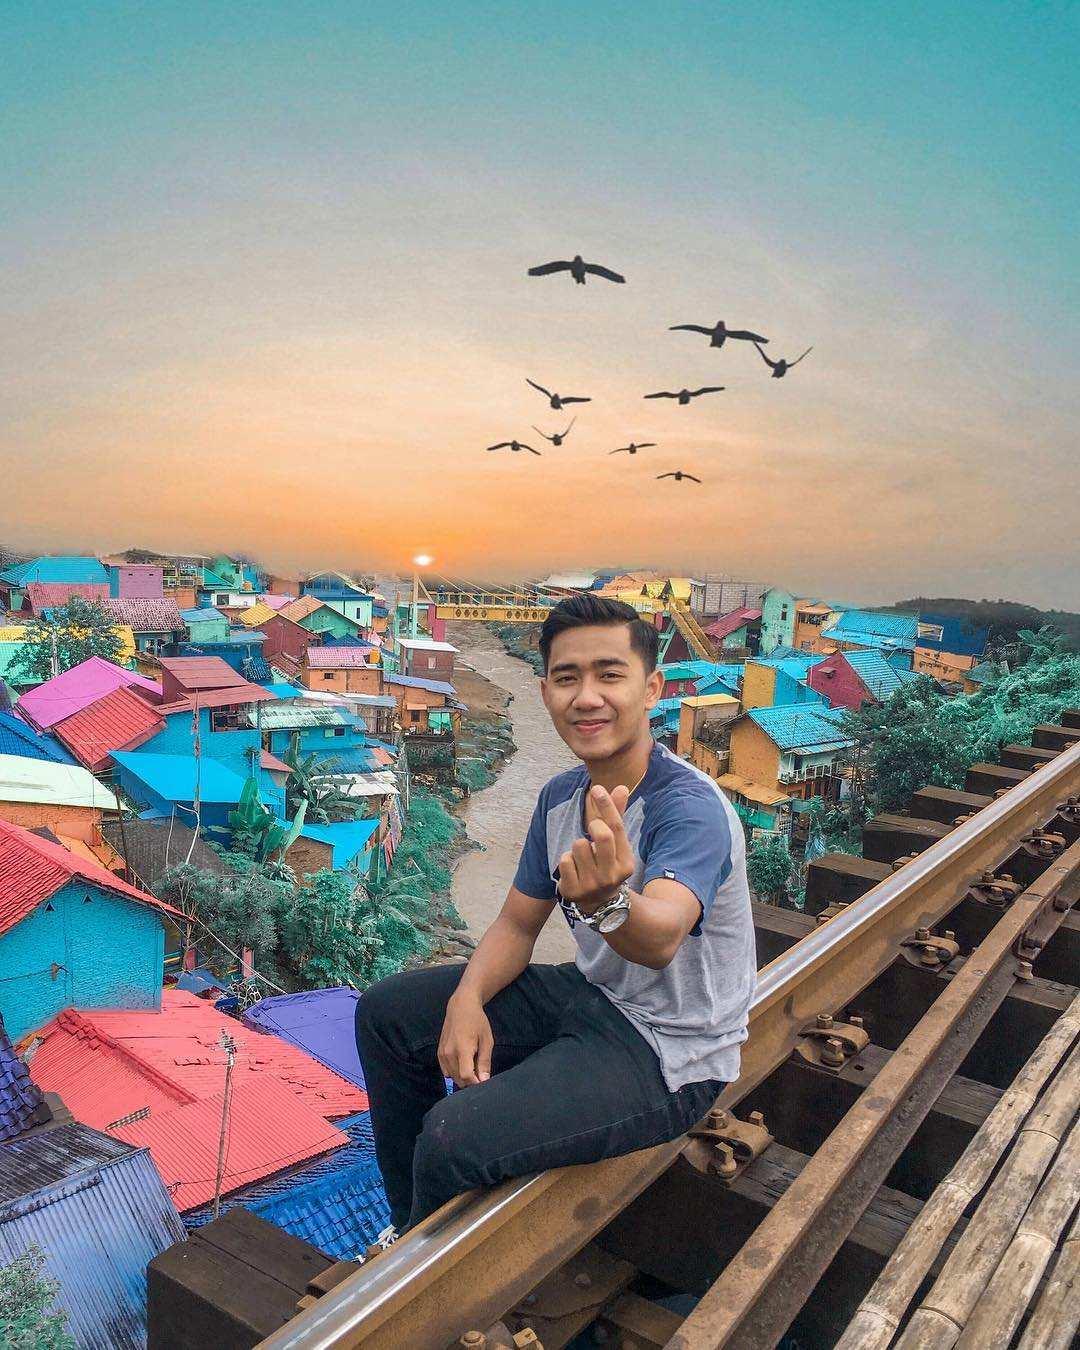 kampung jodipan dari atas rel kereta, Images From @_anggaalfa